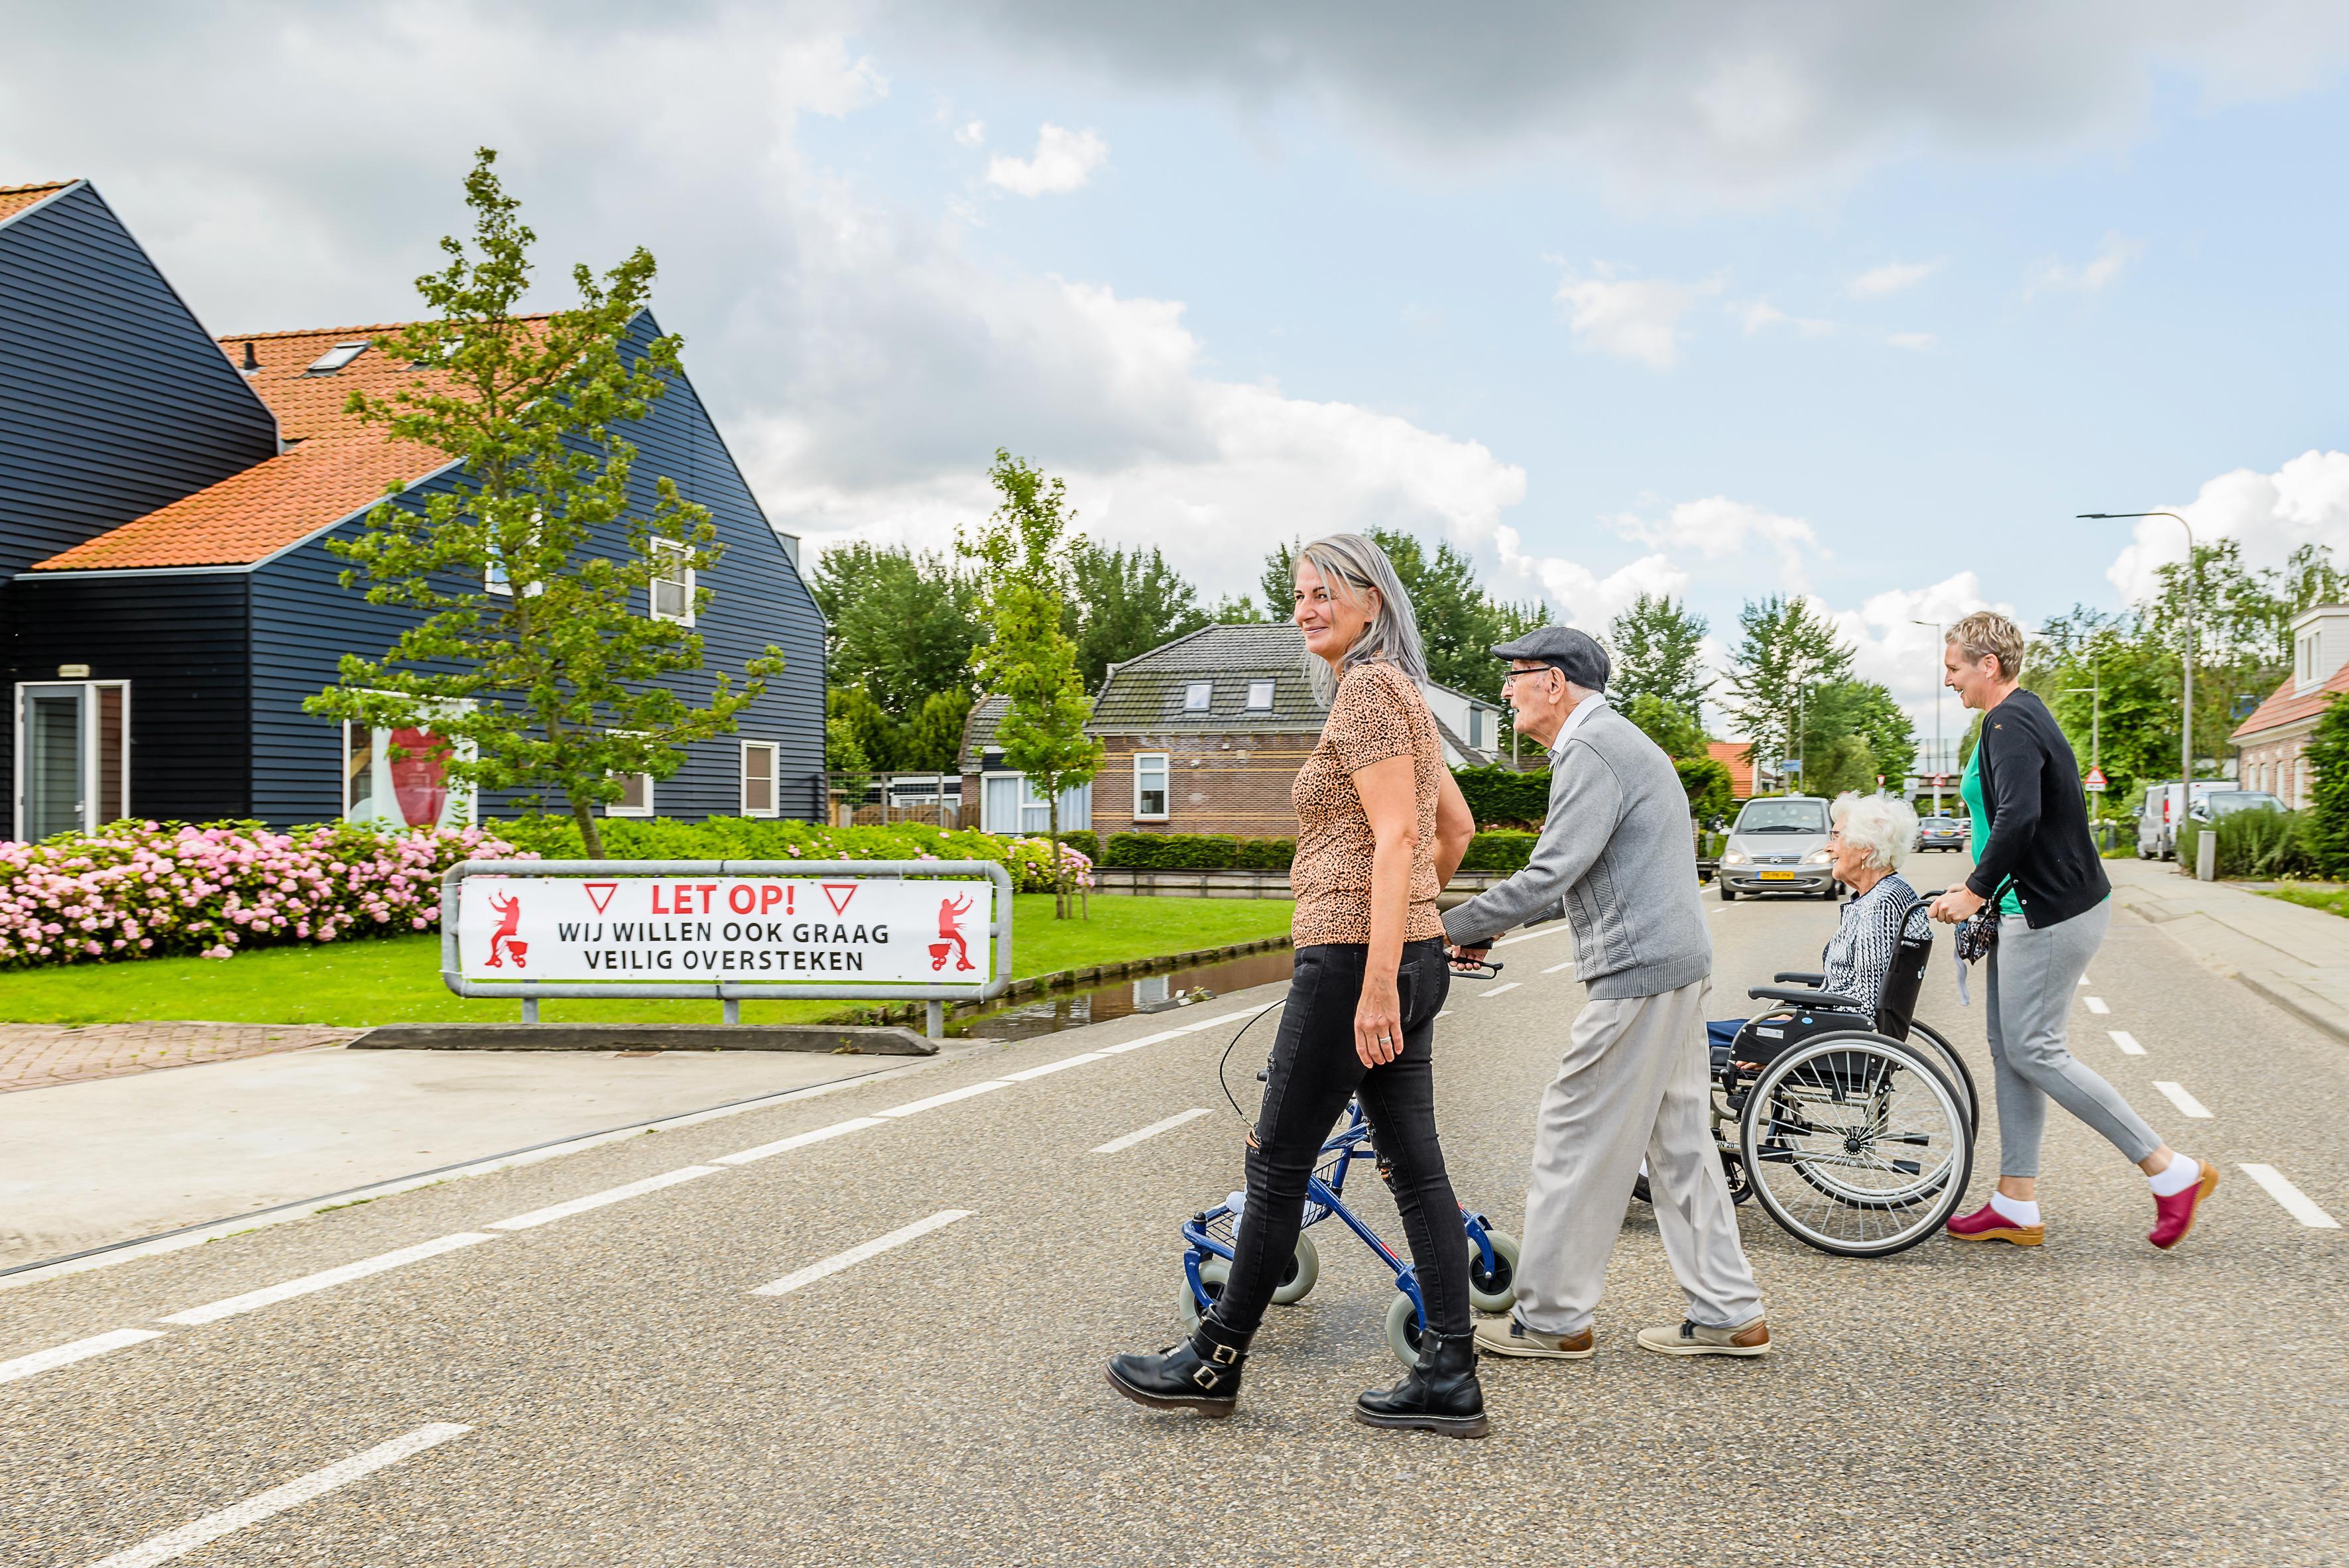 Actie voor veilige oversteek bewoners verpleeghuis Landsmeer; personeel betaalt waarschuwingsborden uit eigen zak; 'schandalig dat gemeente niets doet' [video]